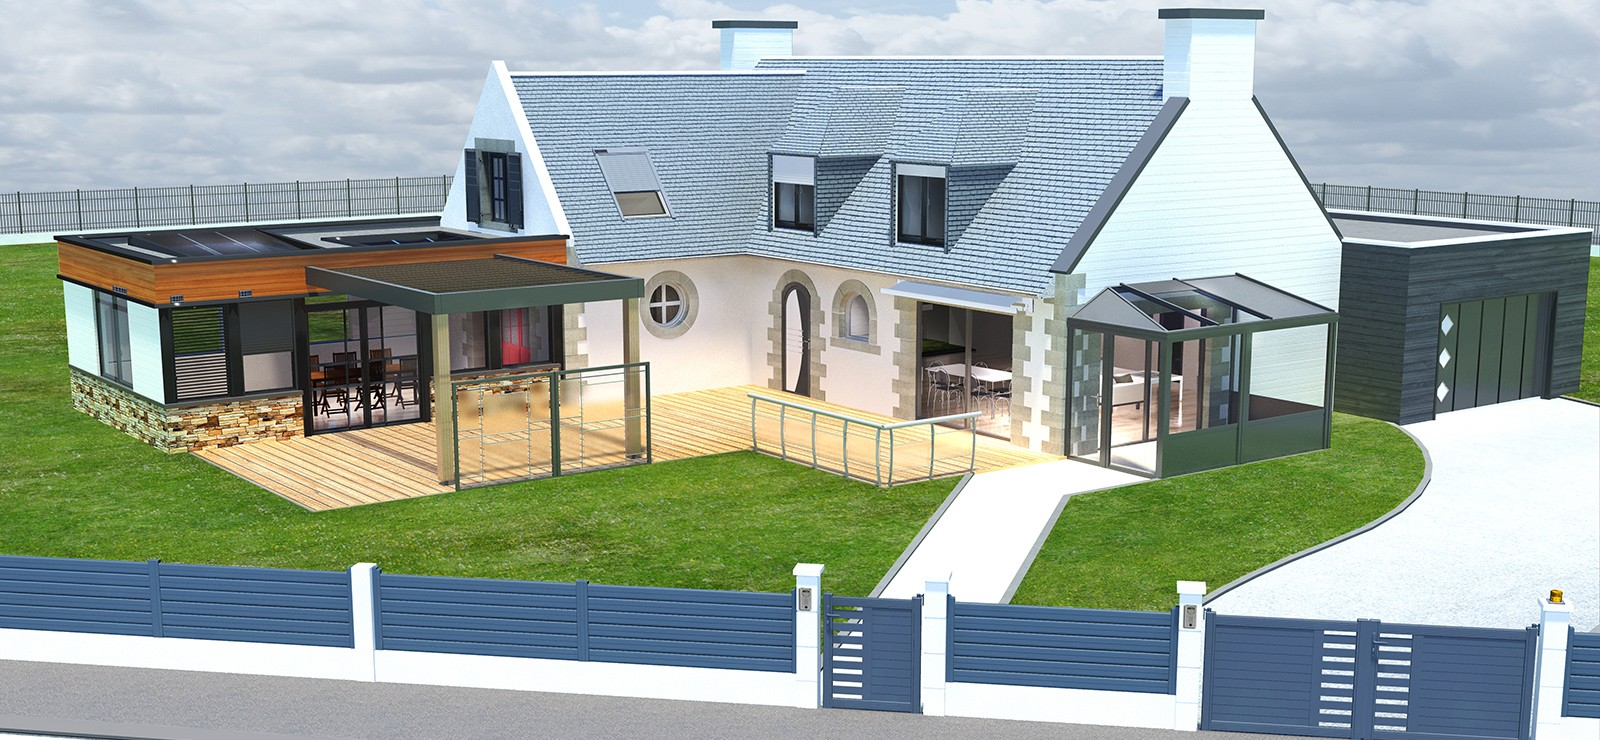 2pl cr ateur espaces ouvertures bretagne dept 22 29 35 56 - Moderne entree veranda ...